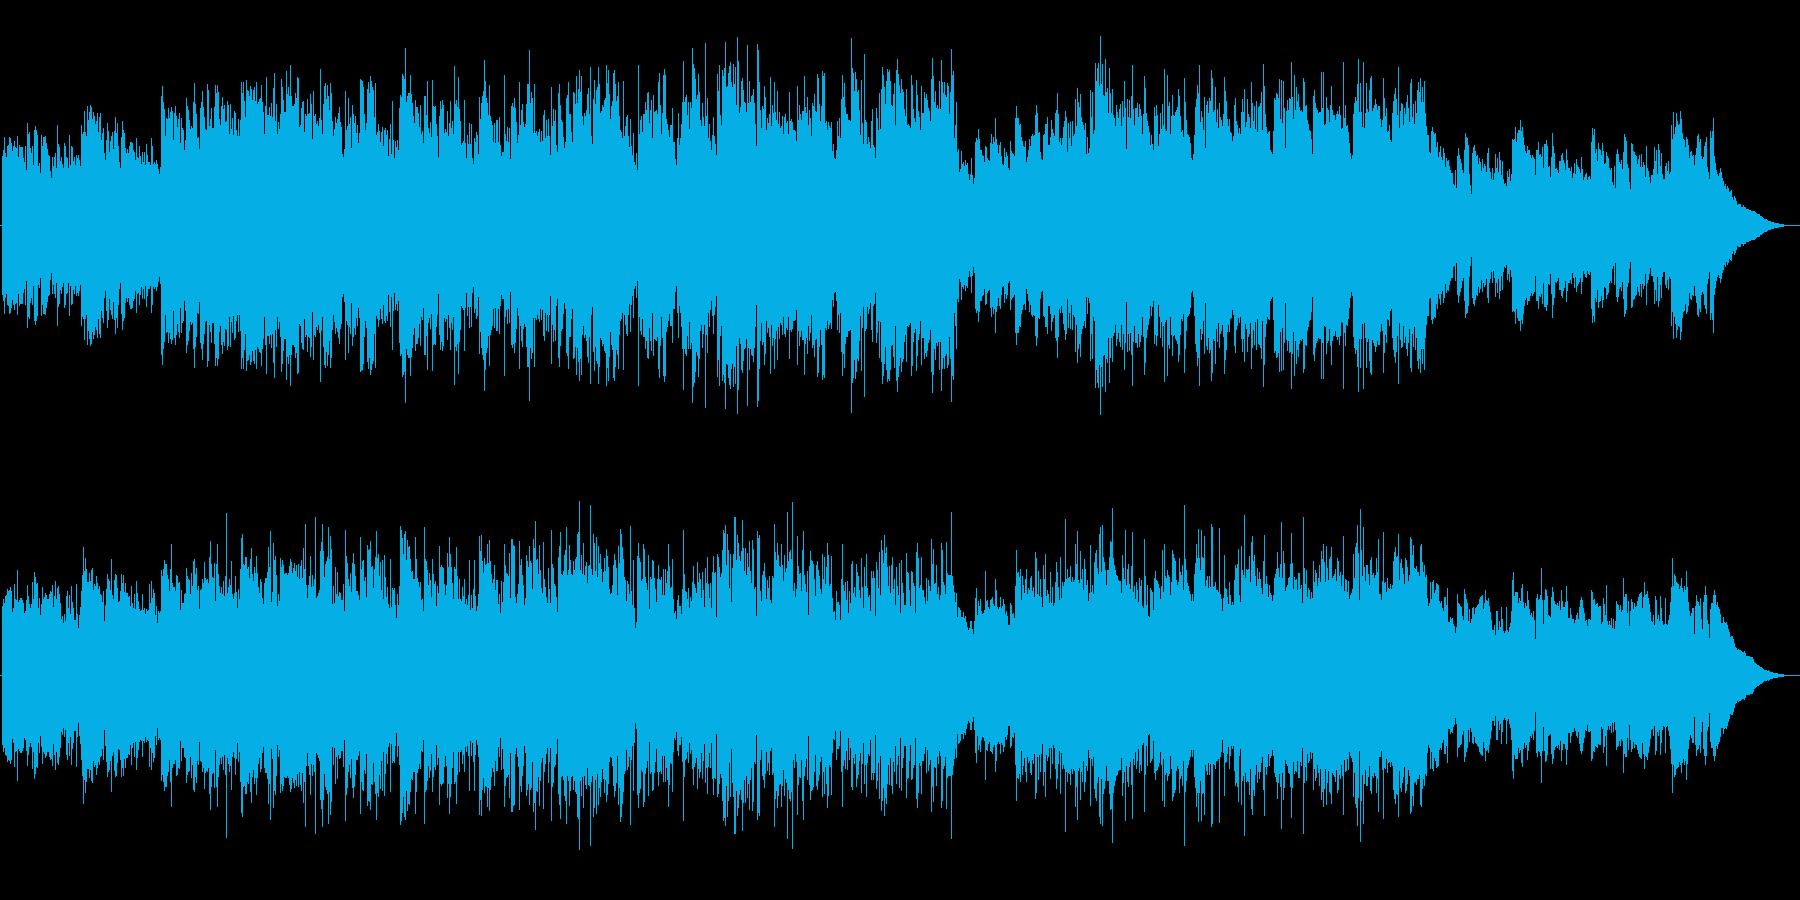 クリーンギターと切なげなピアノの旋律の再生済みの波形